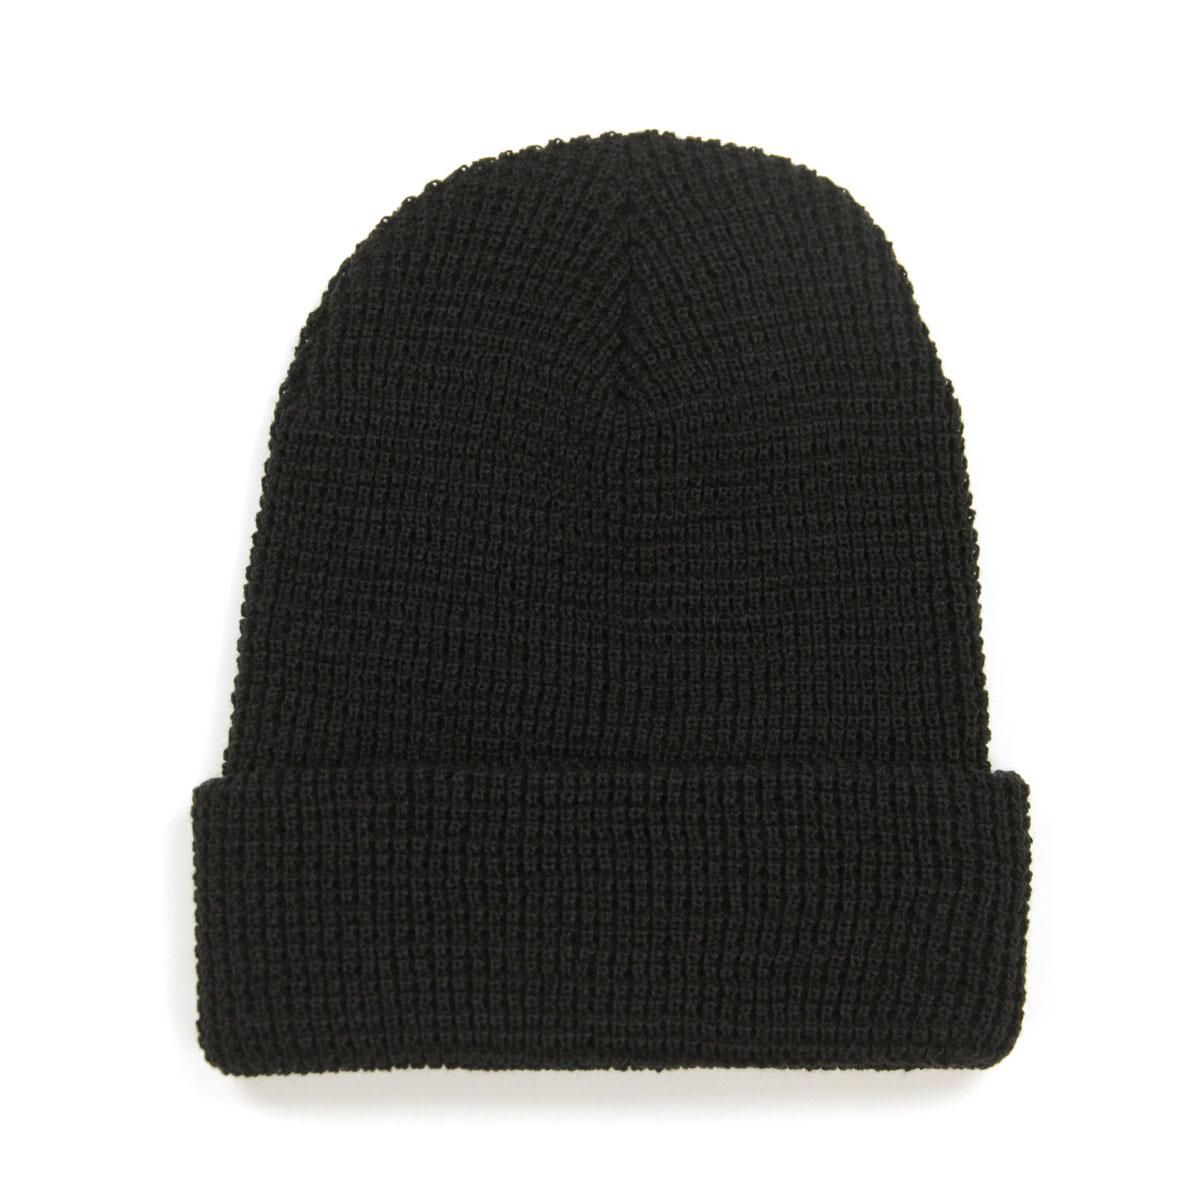 ポーラー POLER 正規販売店 帽子 ビーニー WORKERMAN BEANIE 55100058-BLK BLACK A79B B3C C3D D4E E13F